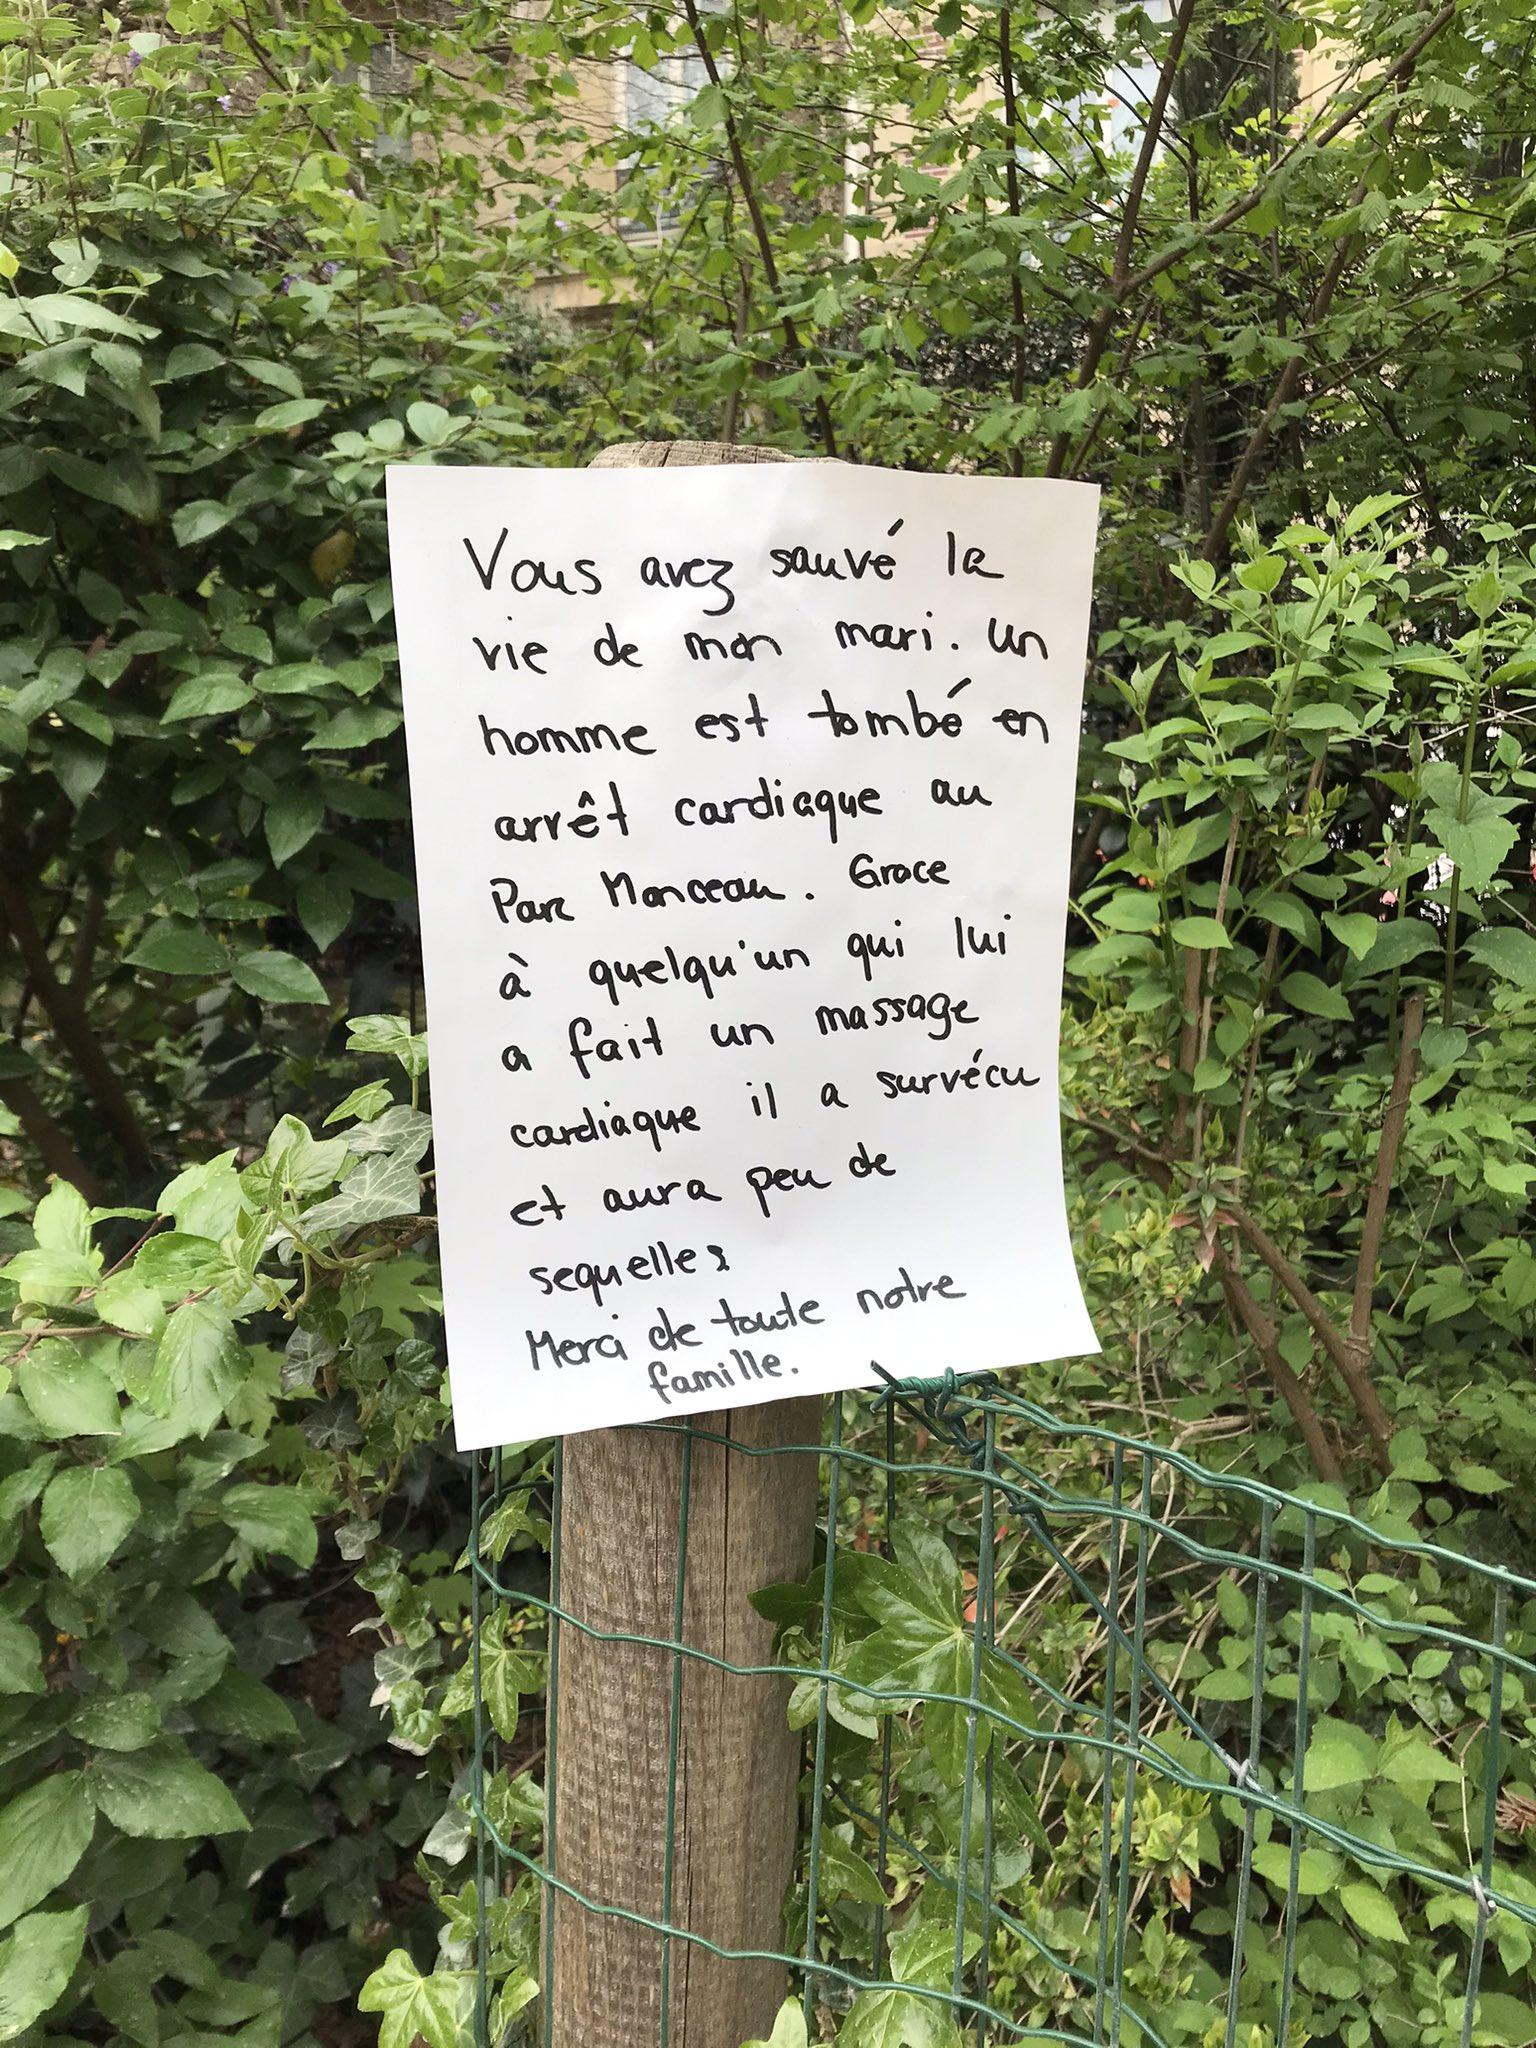 Paris : avec ses affiches, elle recherche celle qui a sauvé son mari en arrêt cardiaque au parc Monceau